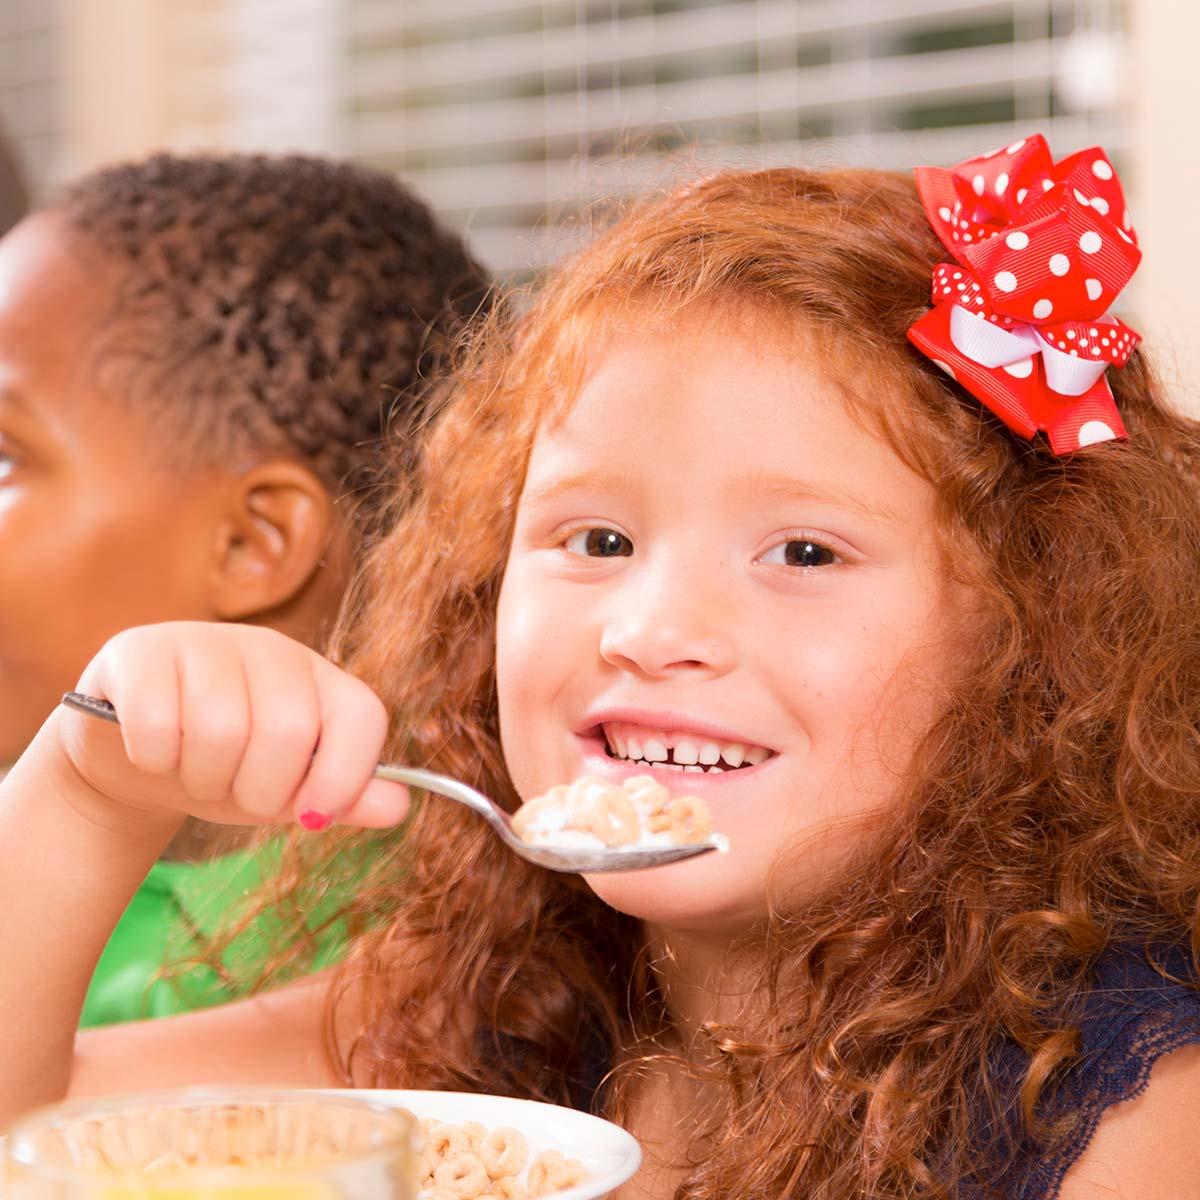 School Breakfast Helps Combat Hunger